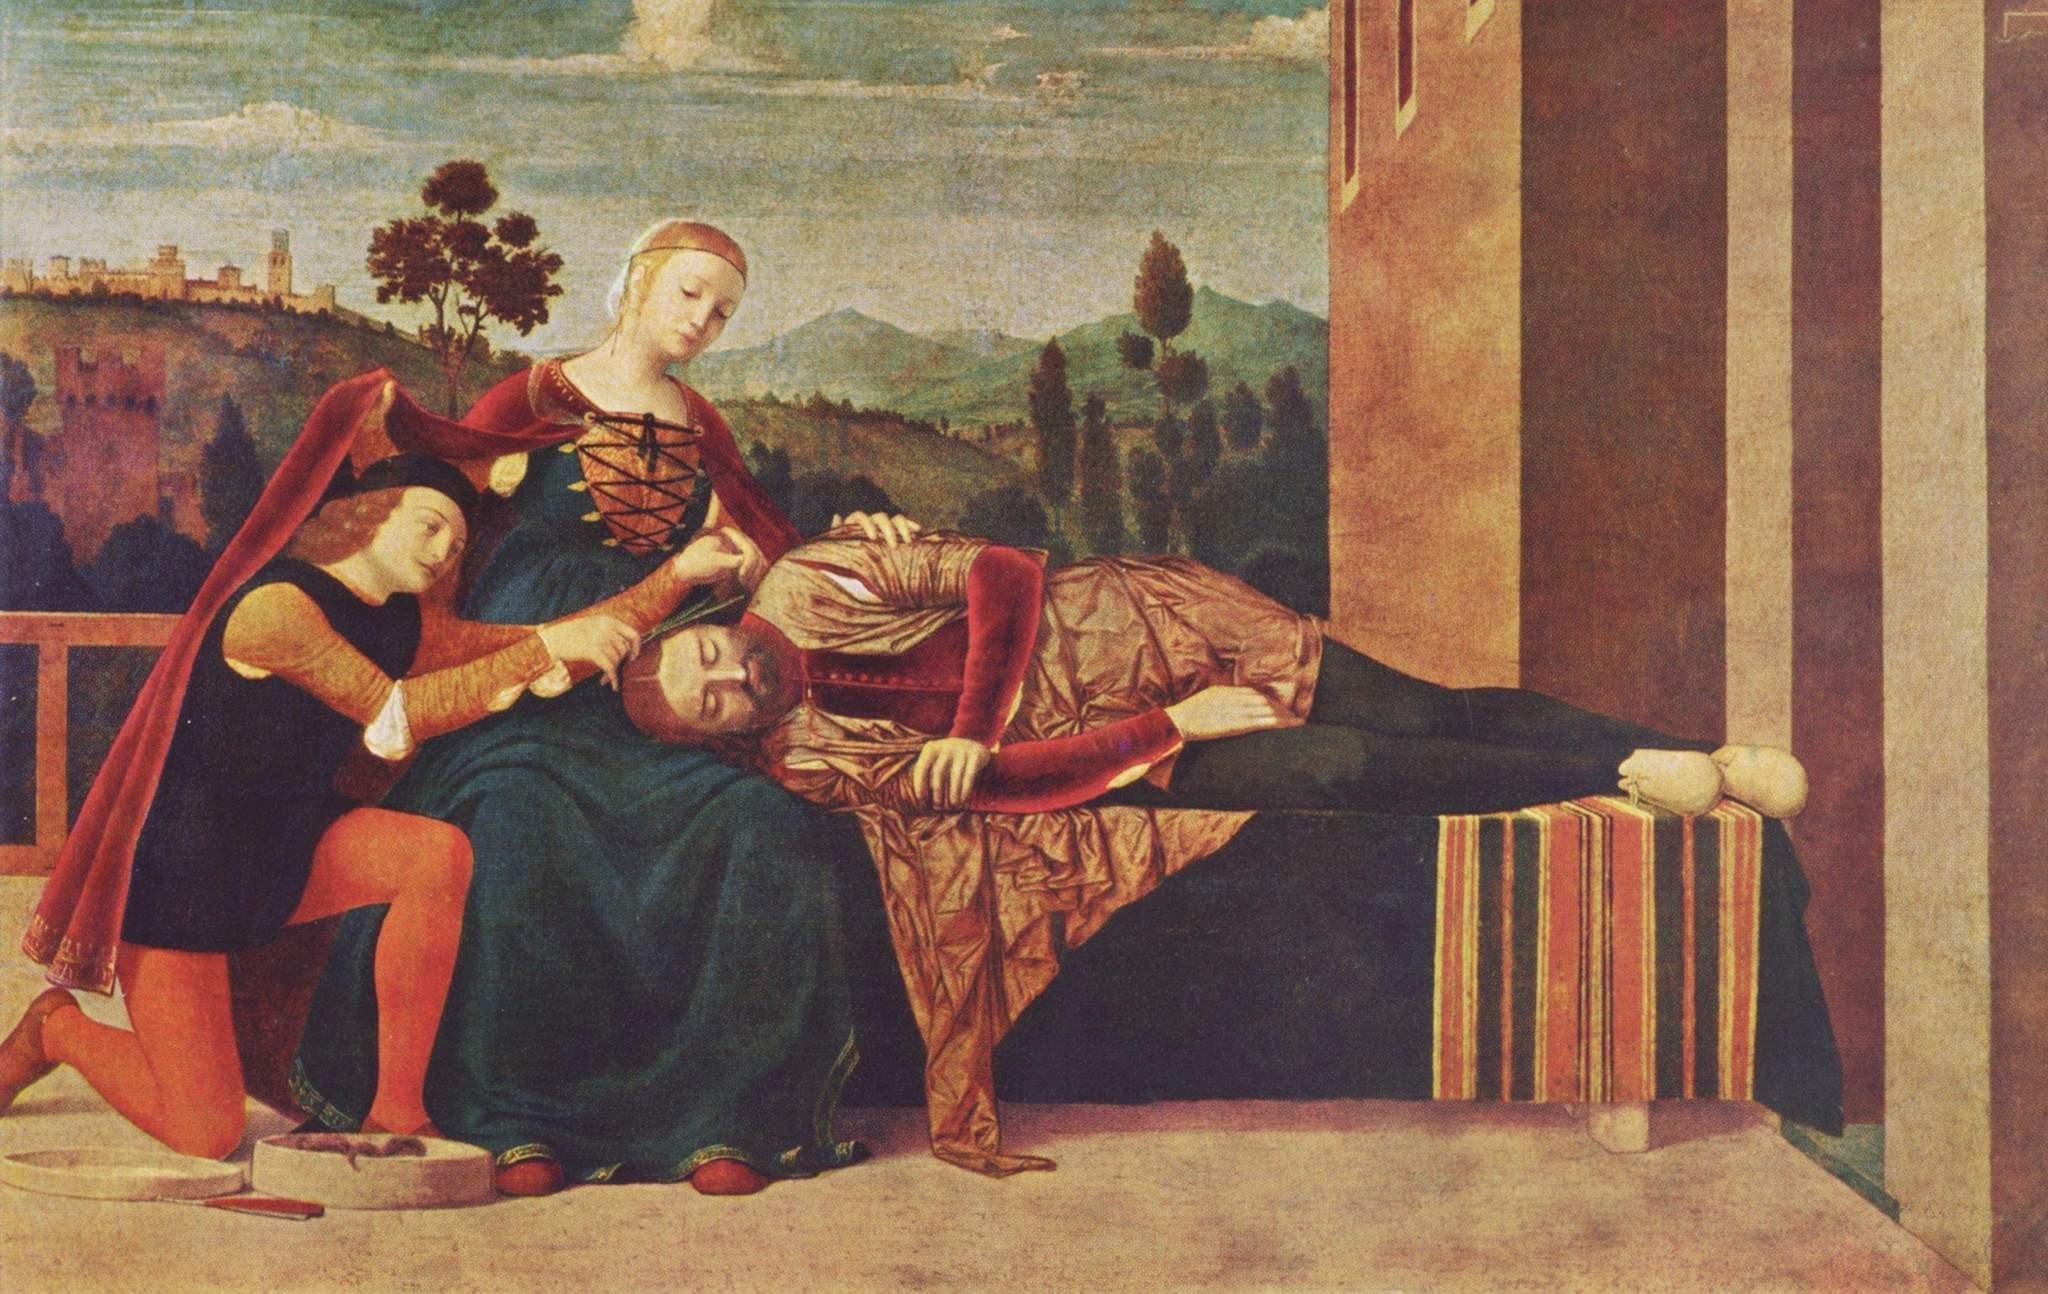 Самсон и Далила. Фрнанческо Мороне (1471-1529)